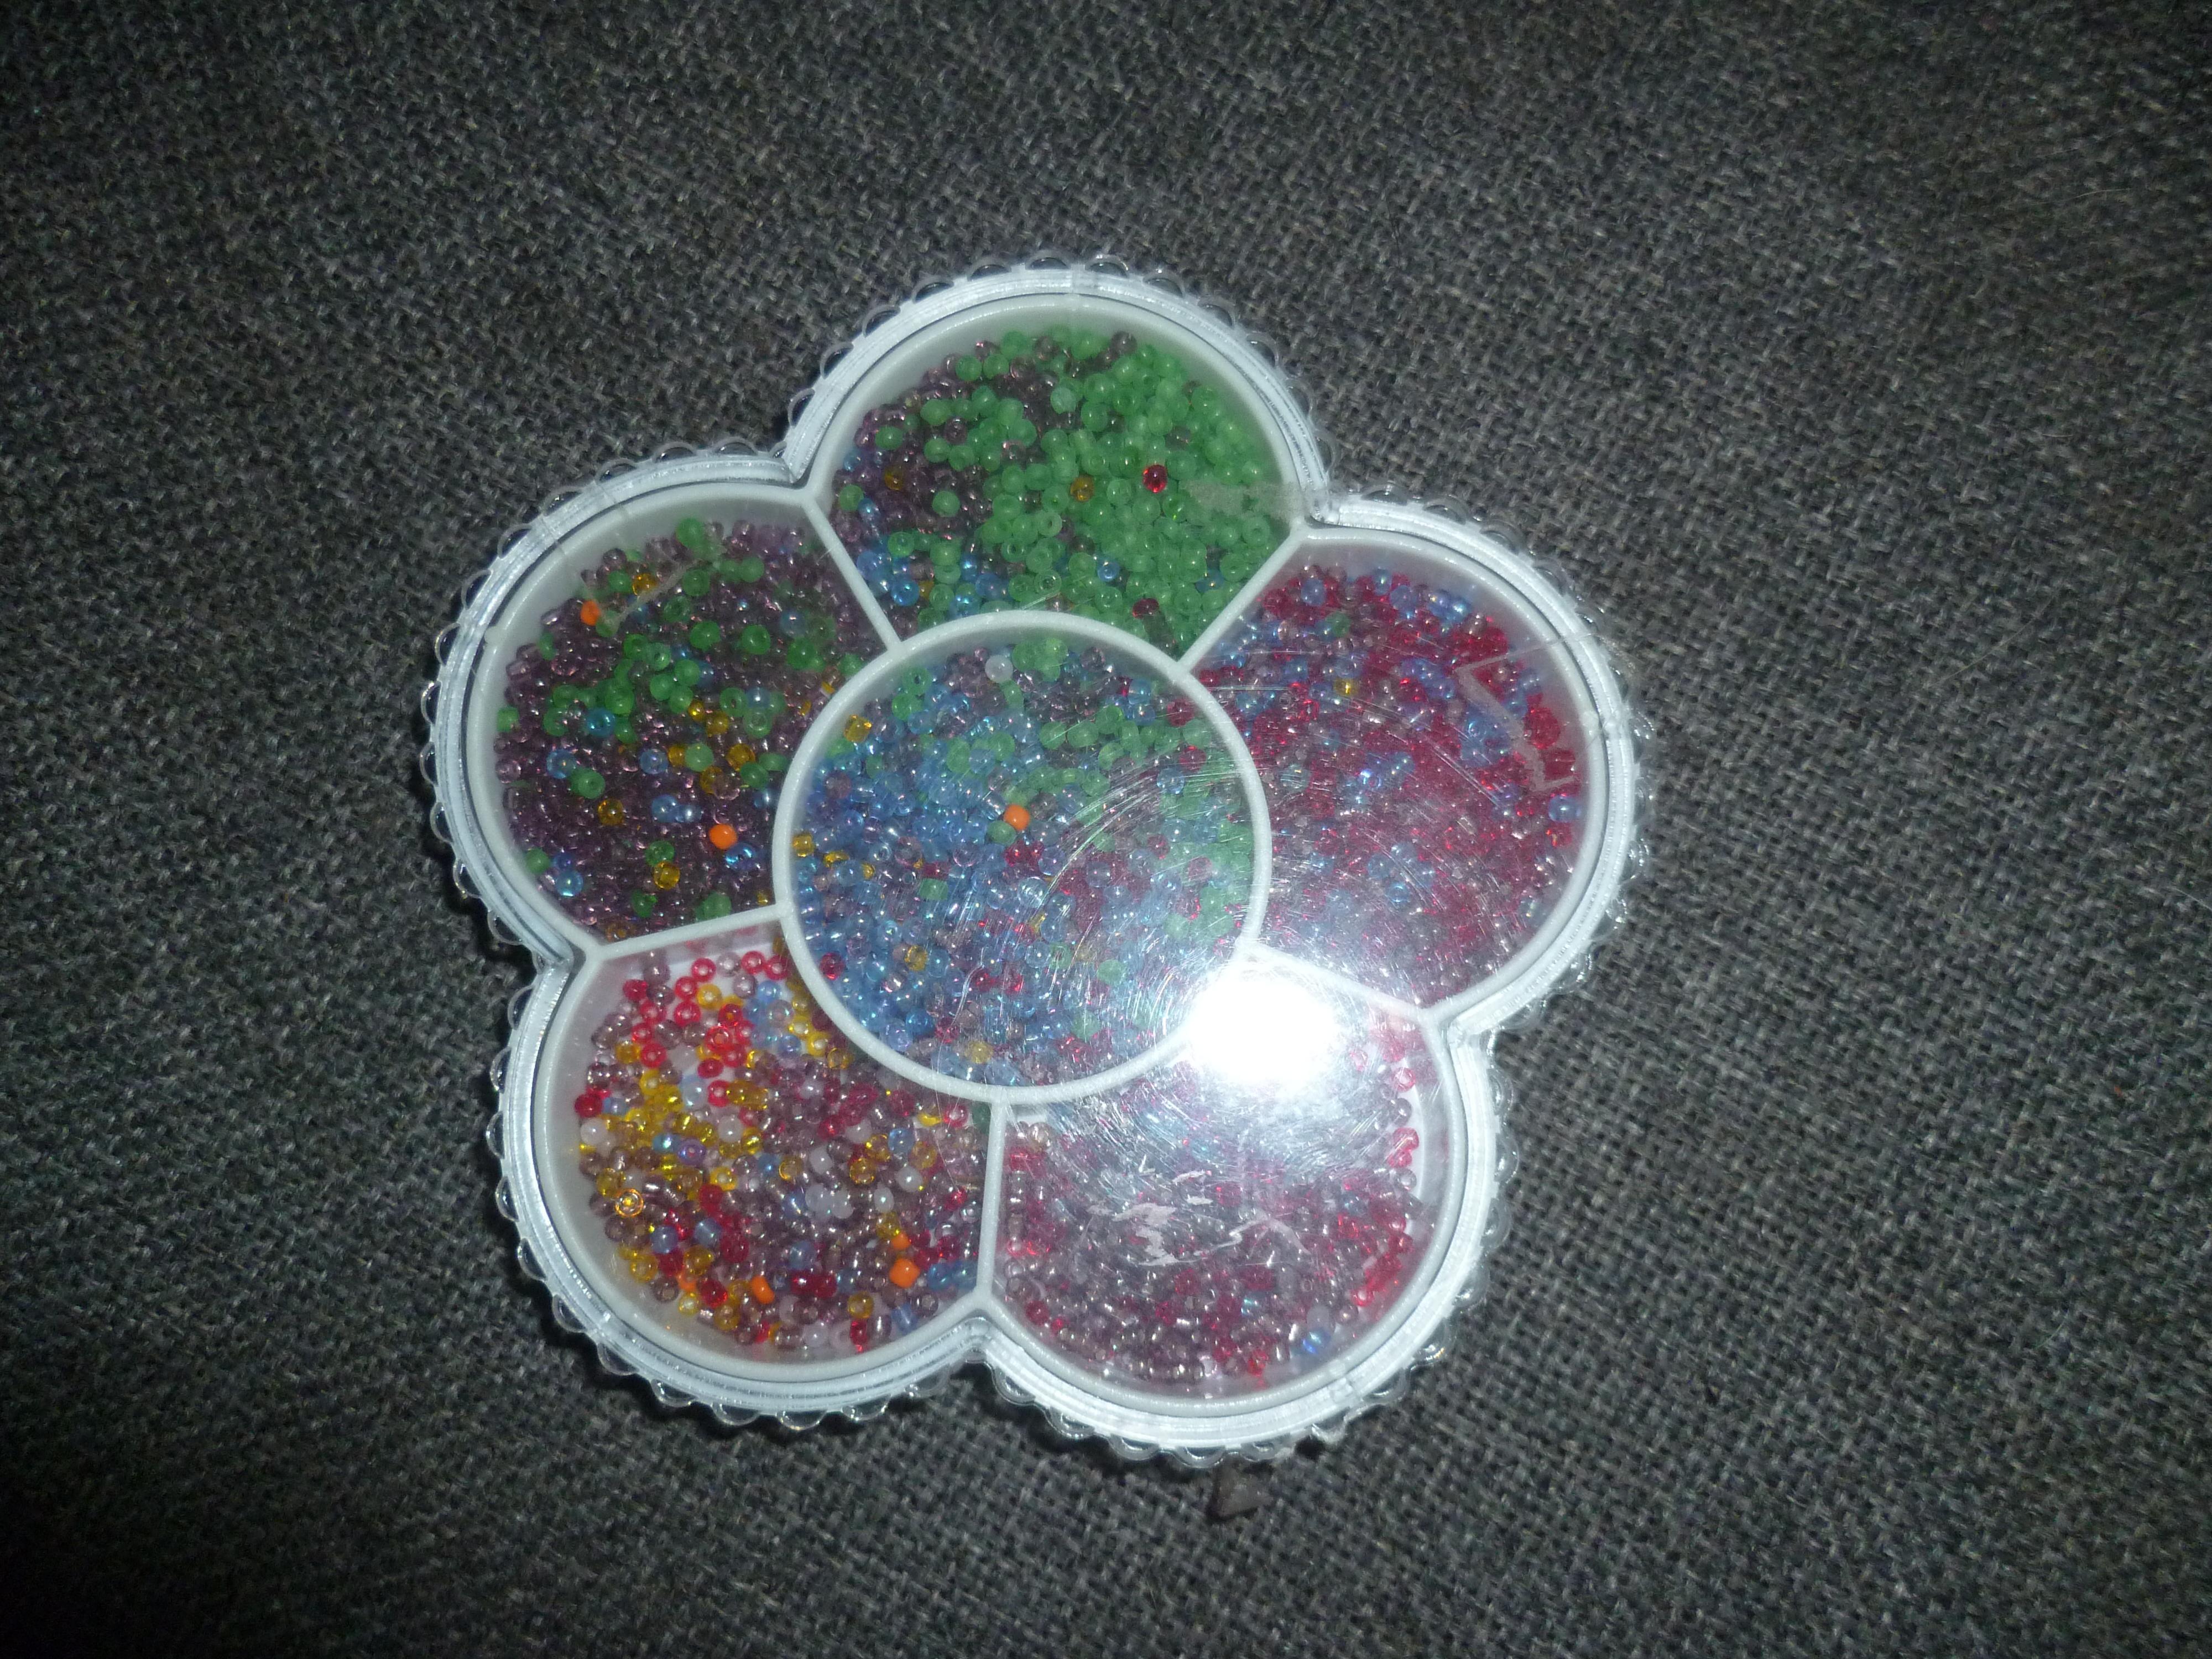 troc de troc boite perles de rocaille image 0